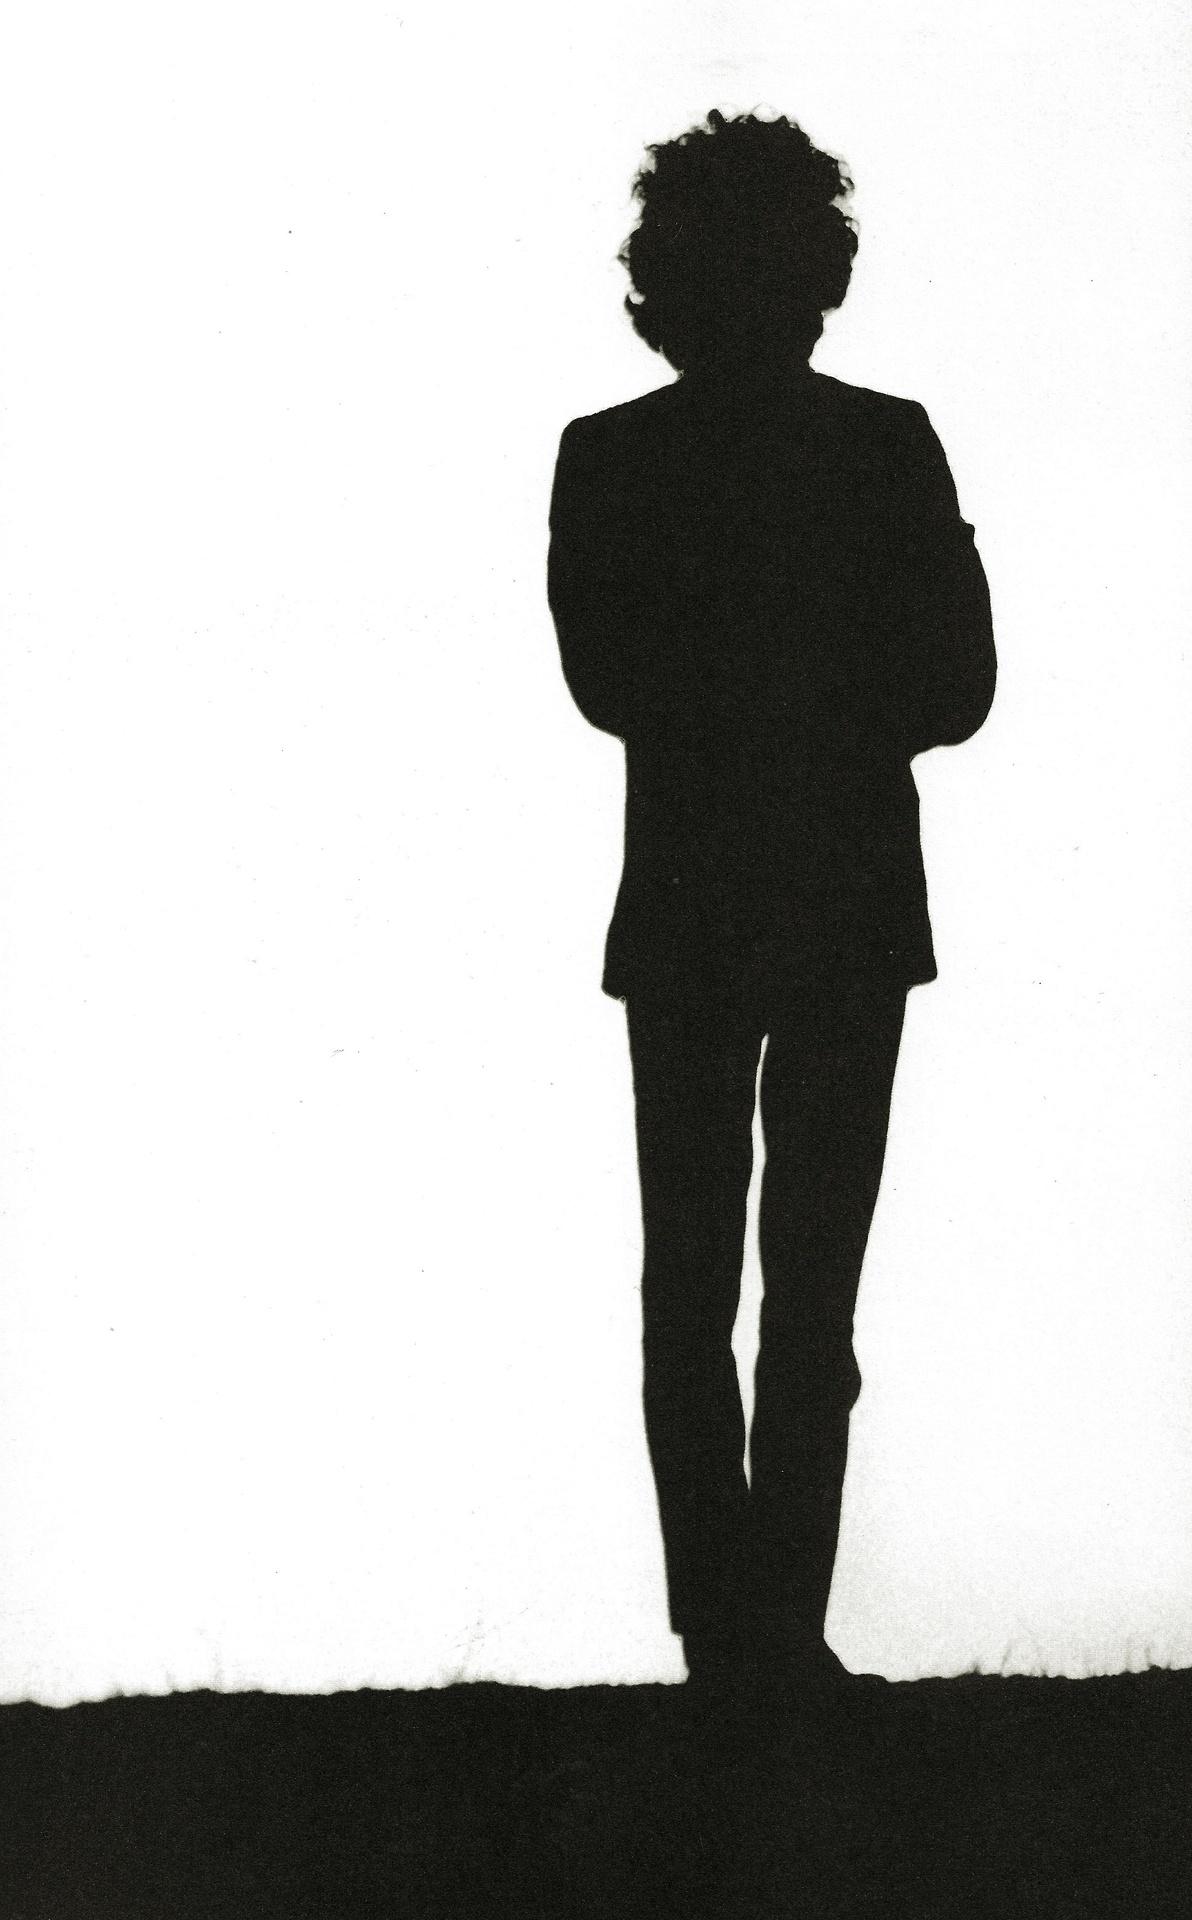 1192x1920 Doraemonmon Dylan Silhouette Bob The Best Ever Dylan